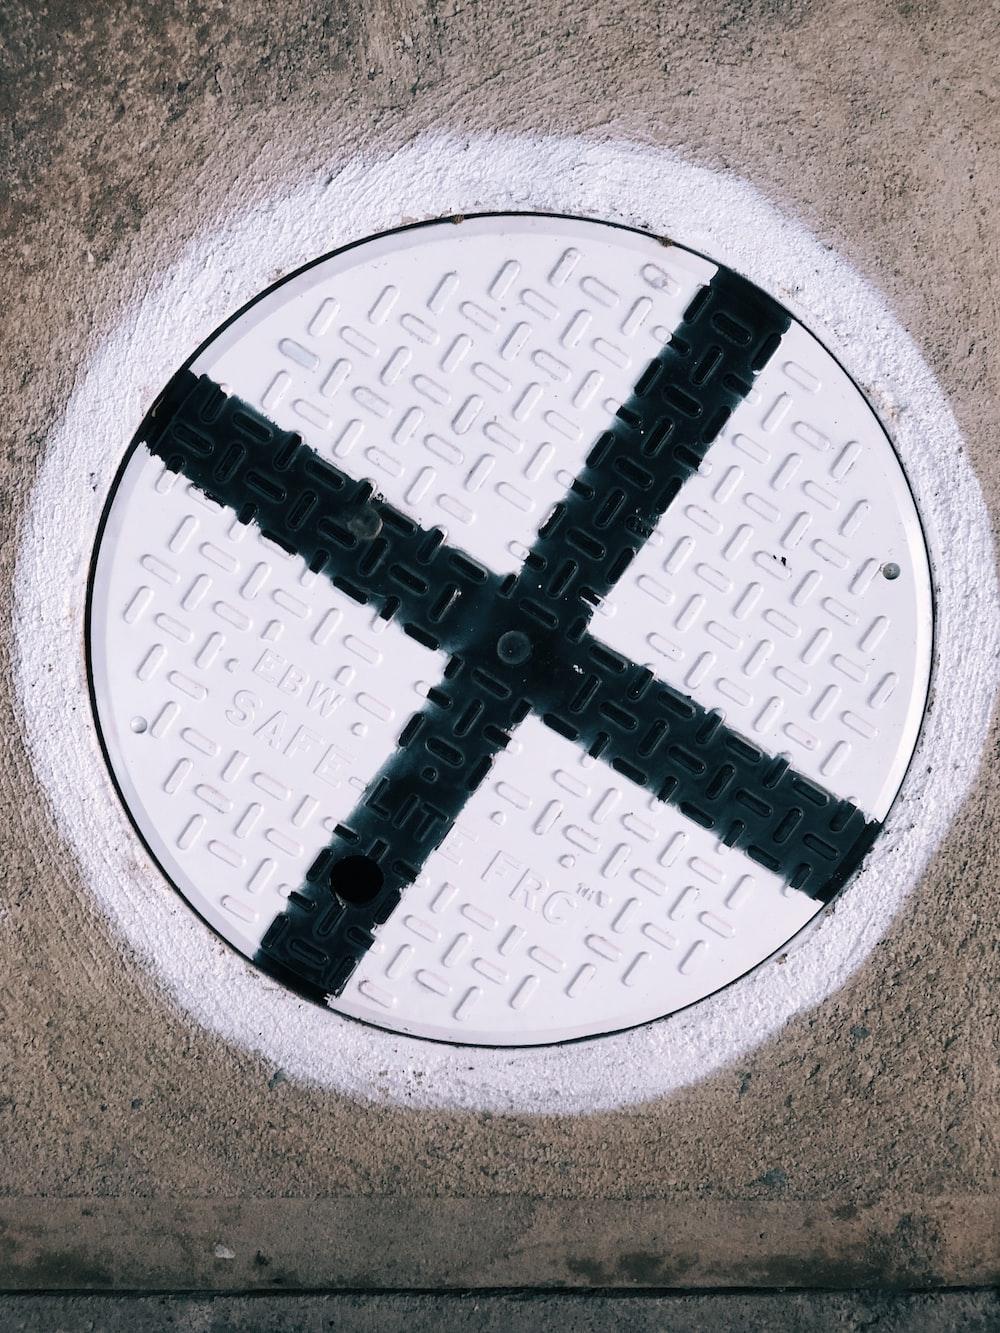 close-up photo of manhole